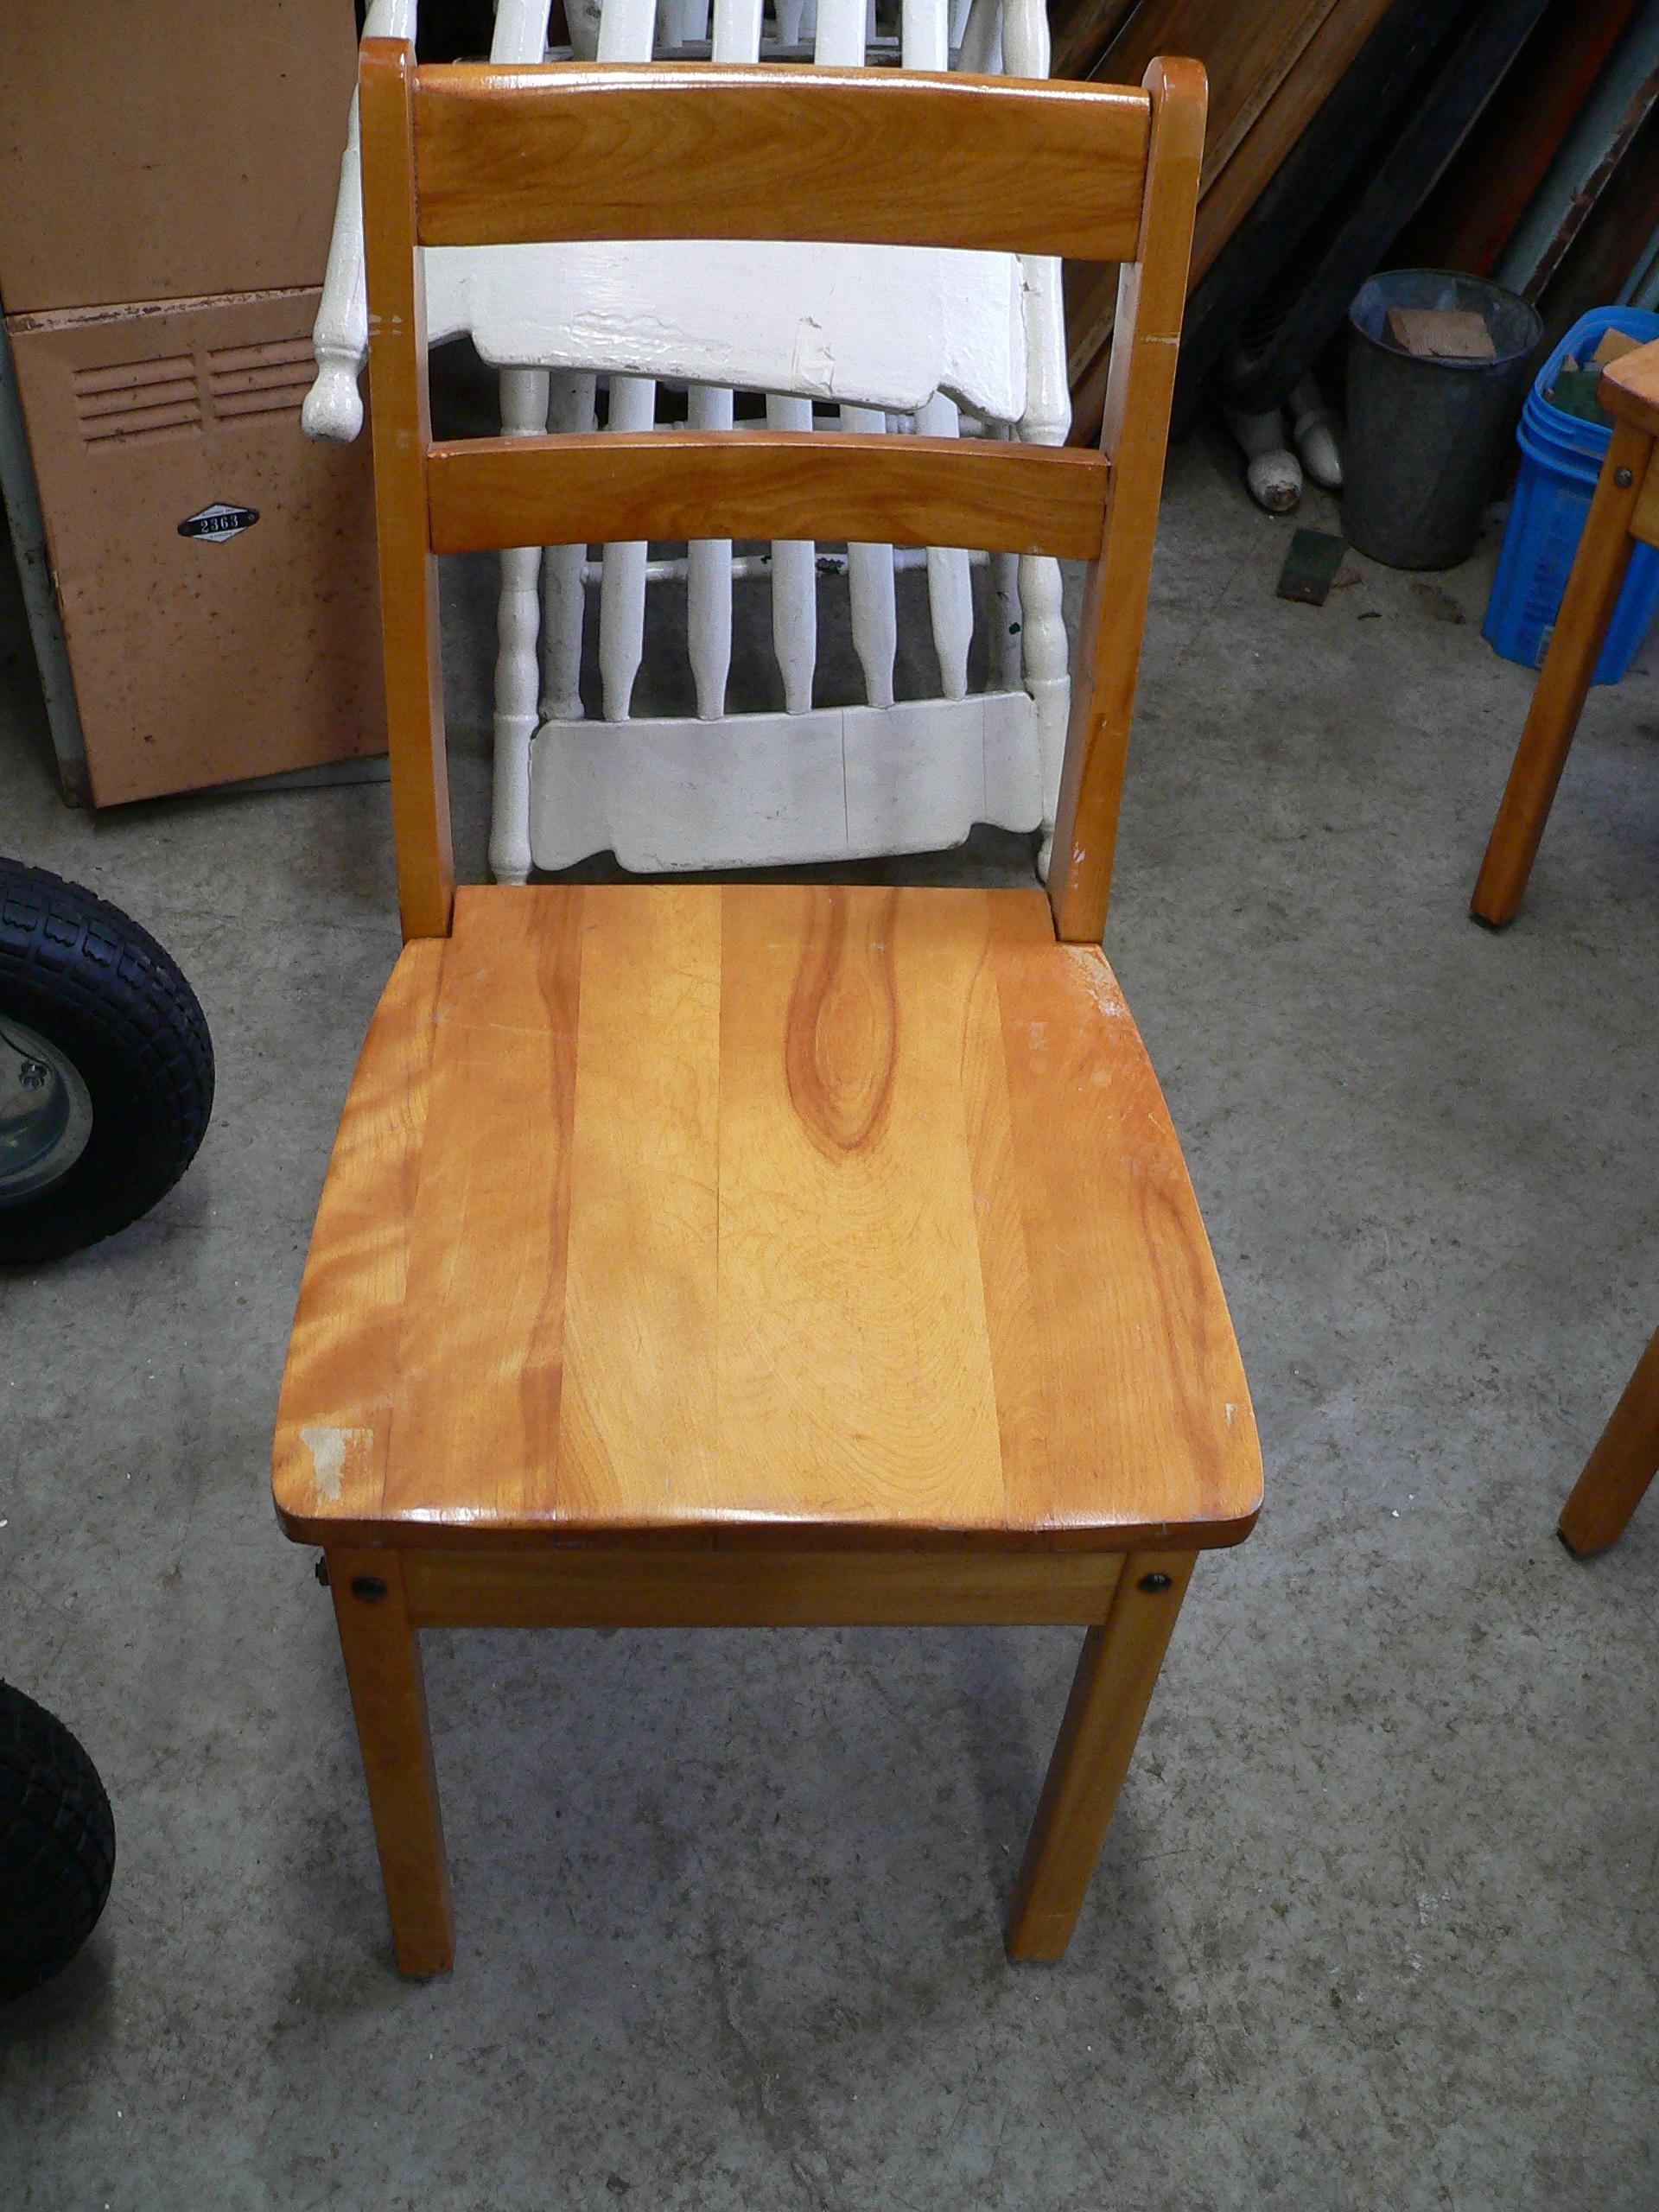 Chaise antique # 5890.1